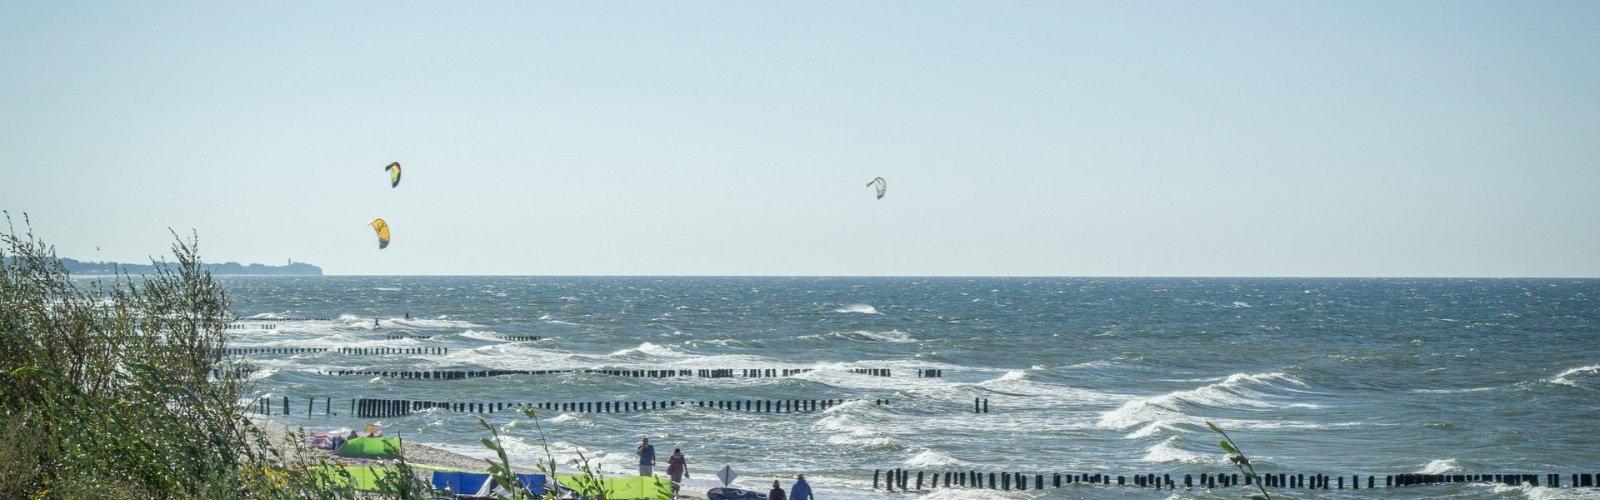 Majówka nad morzem - zaplanuj już dziś